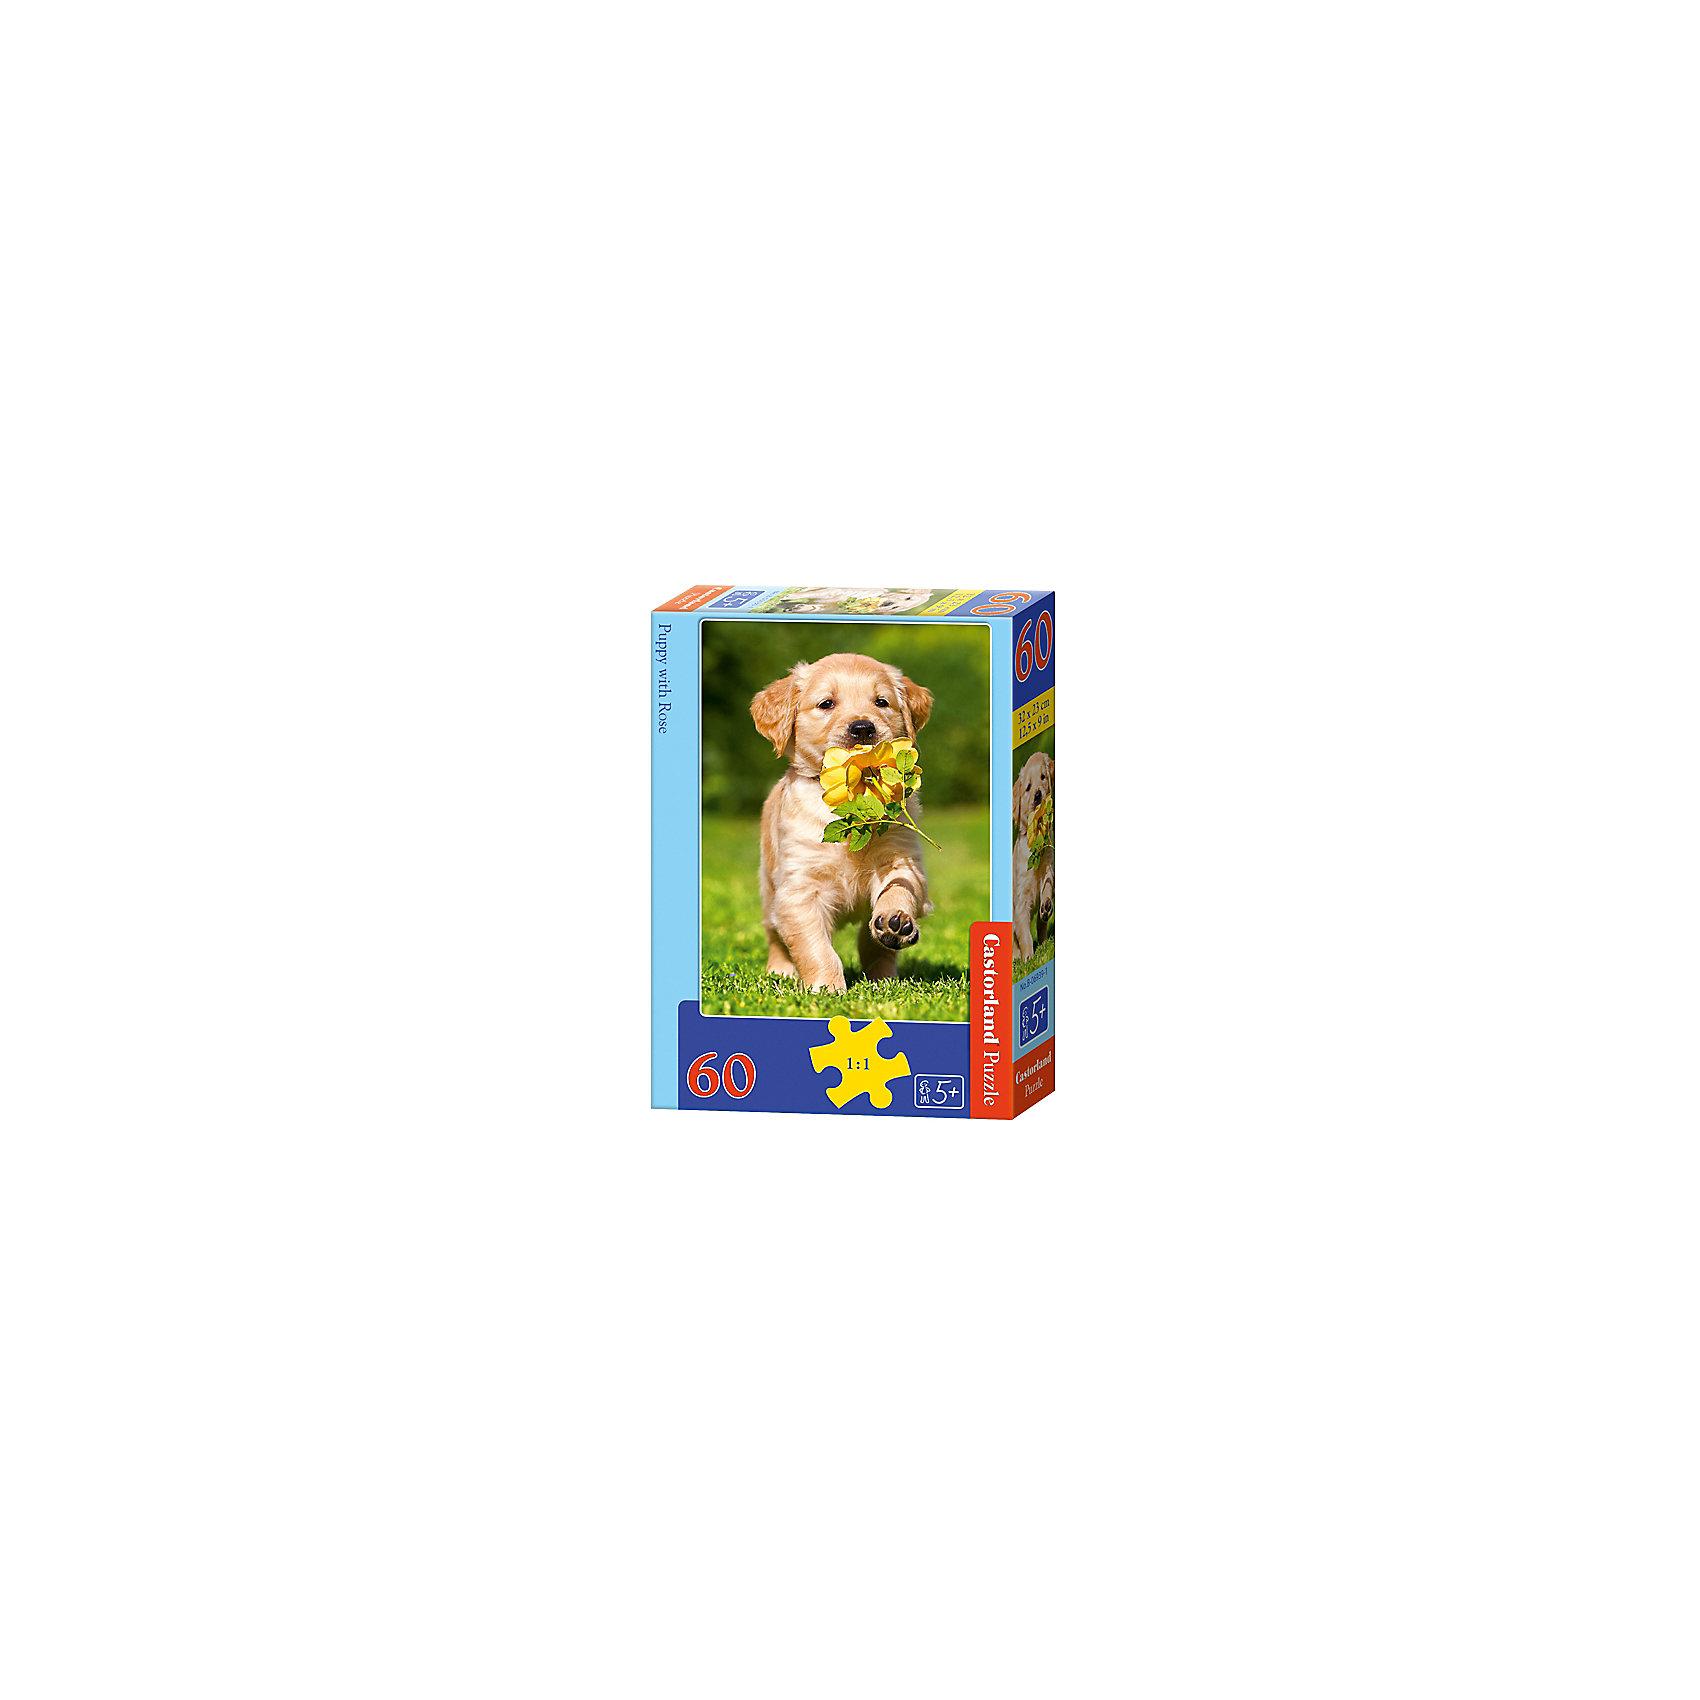 Пазл Castorland Щенок с розой, 60 деталейКлассические пазлы<br>Характеристики:<br><br>• возраст: от 5 лет<br>• количество деталей: 60 шт.<br>• размер собранного пазла: 23х32 см.<br>• материал: картон<br>• упаковка: картонная коробка<br>• размер упаковки: 13x4x18 см.<br>• вес: 150 гр.<br>• страна обладатель бренда: Польша<br><br>Пазл «Щенок с розой» от Castorland (Касторленд) отличается высоким качеством, высоким уровнем полиграфии, насыщенными цветами и идеальной стыковкой элементов. Из 60 элементов пазла ребенок соберет красочную картину с изображением милого щенка, несущего в зубах желтую розу.<br><br>Пазл Щенок с розой, 60 деталей, Castorland (Касторленд) можно купить в нашем интернет-магазине.<br><br>Ширина мм: 180<br>Глубина мм: 130<br>Высота мм: 40<br>Вес г: 150<br>Возраст от месяцев: 60<br>Возраст до месяцев: 2147483647<br>Пол: Унисекс<br>Возраст: Детский<br>SKU: 6725088